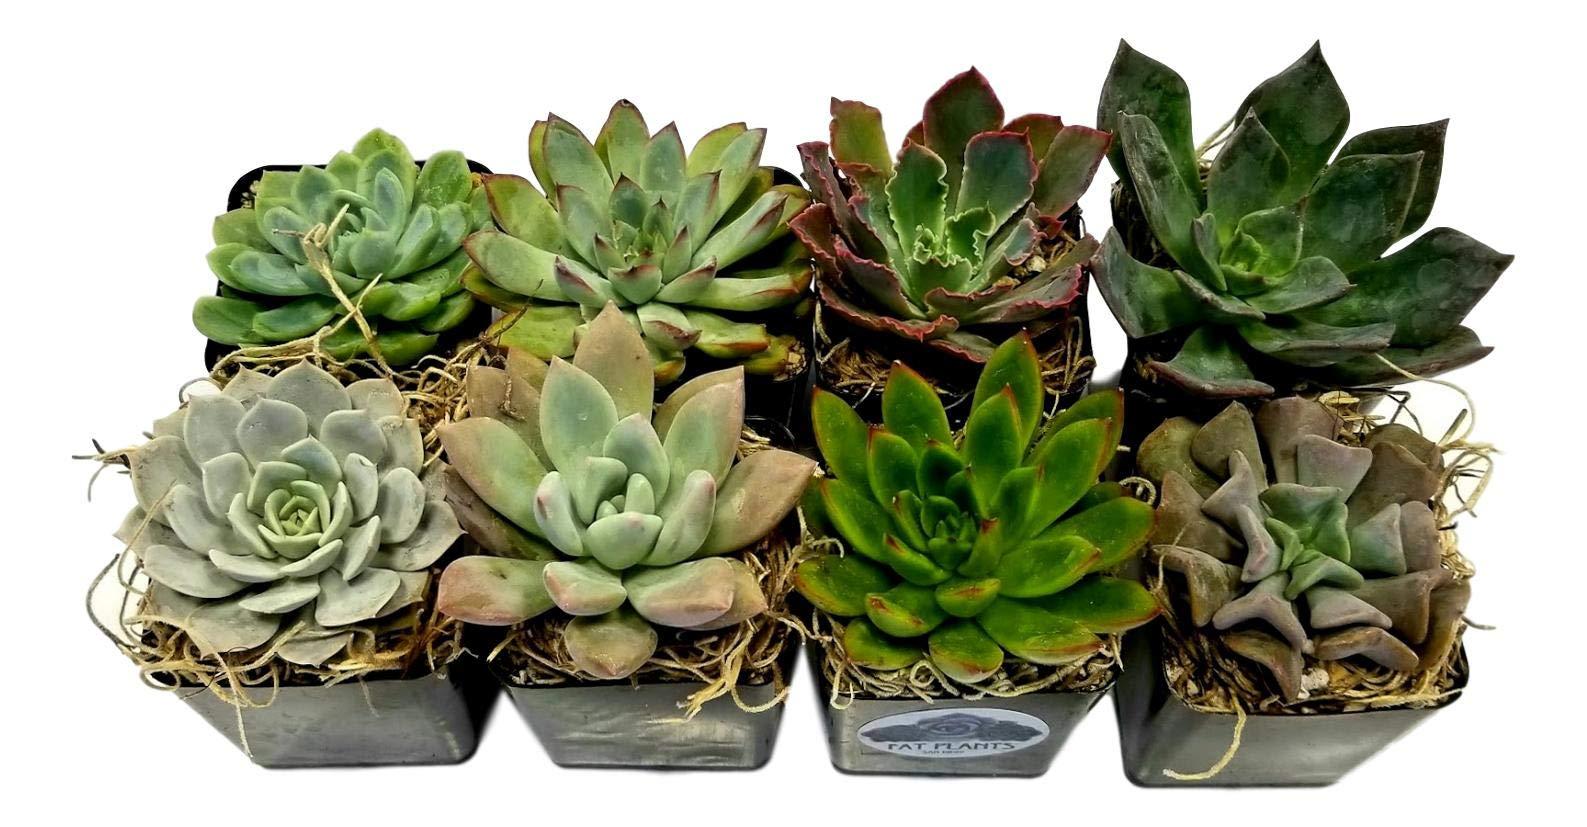 Fat Plants San Diego 2.5 Inch Wedding Rosette Succulent Plants (8) by Fat Plants San Diego